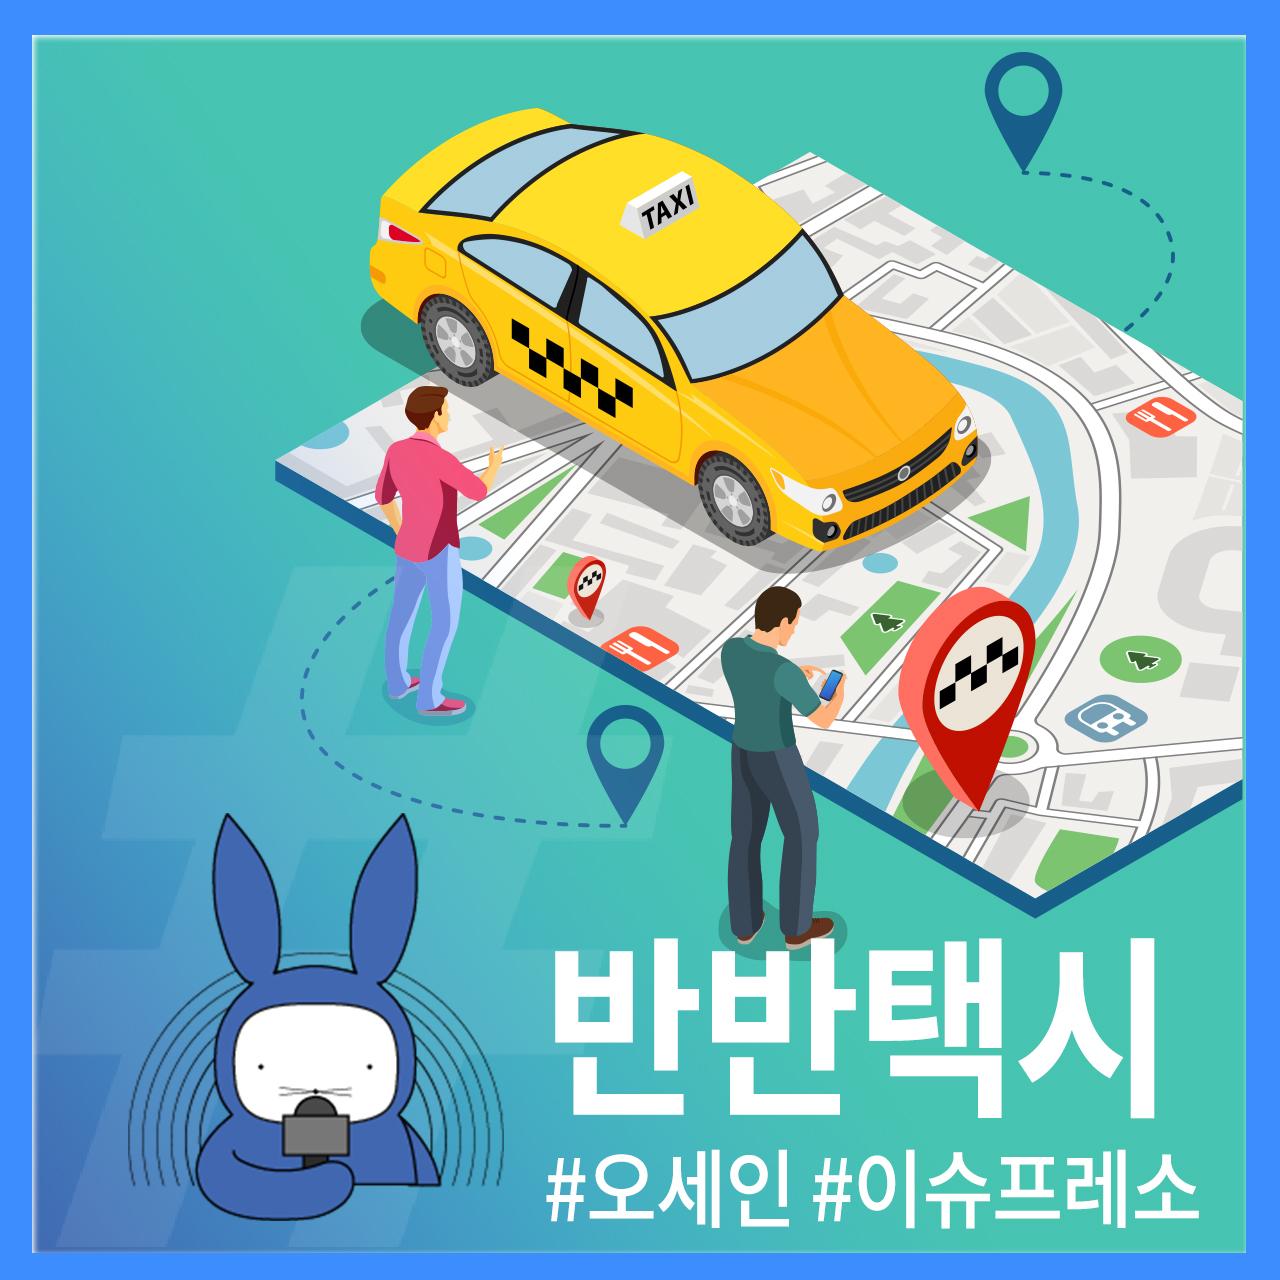 [오디오래빗] 택시합승 시즌2, 시끌시끌 #반반택시